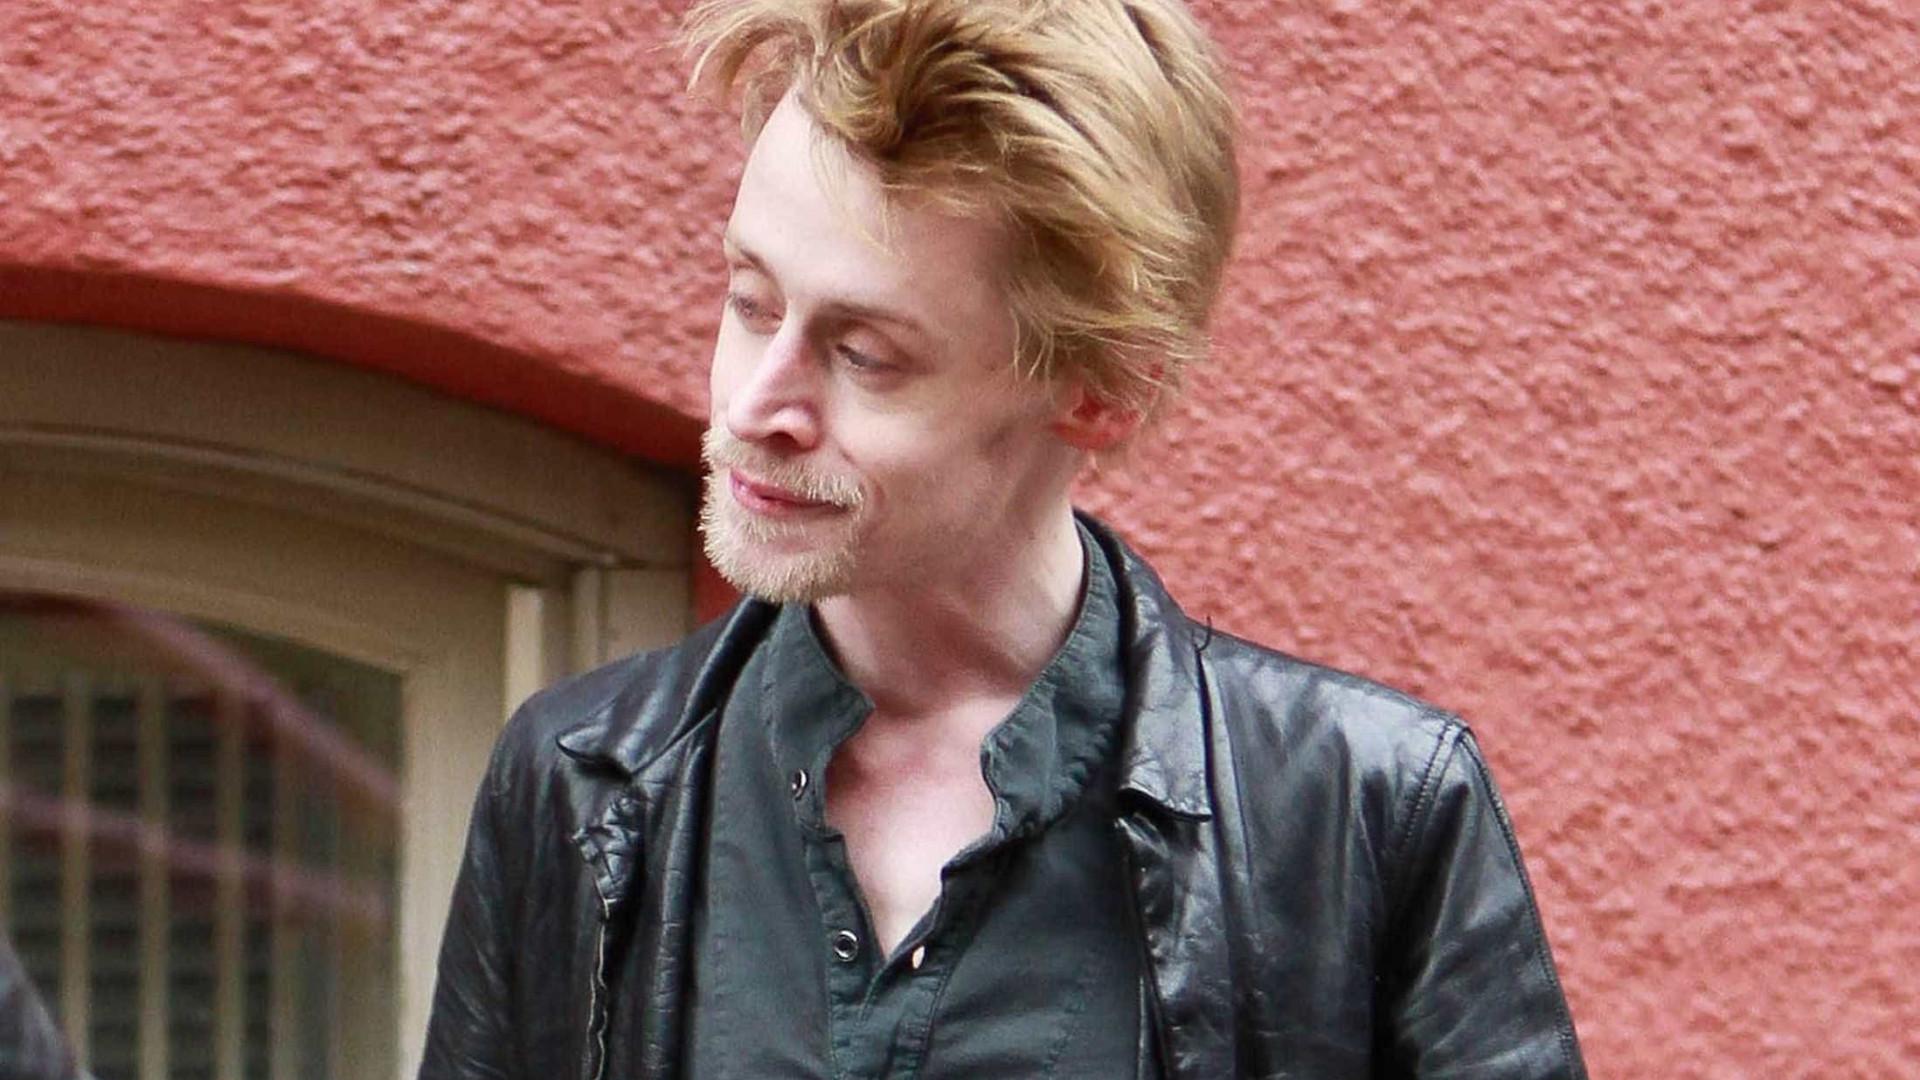 Macaulay Culkin fala de agressões do pai: 'Mentais e físicas'